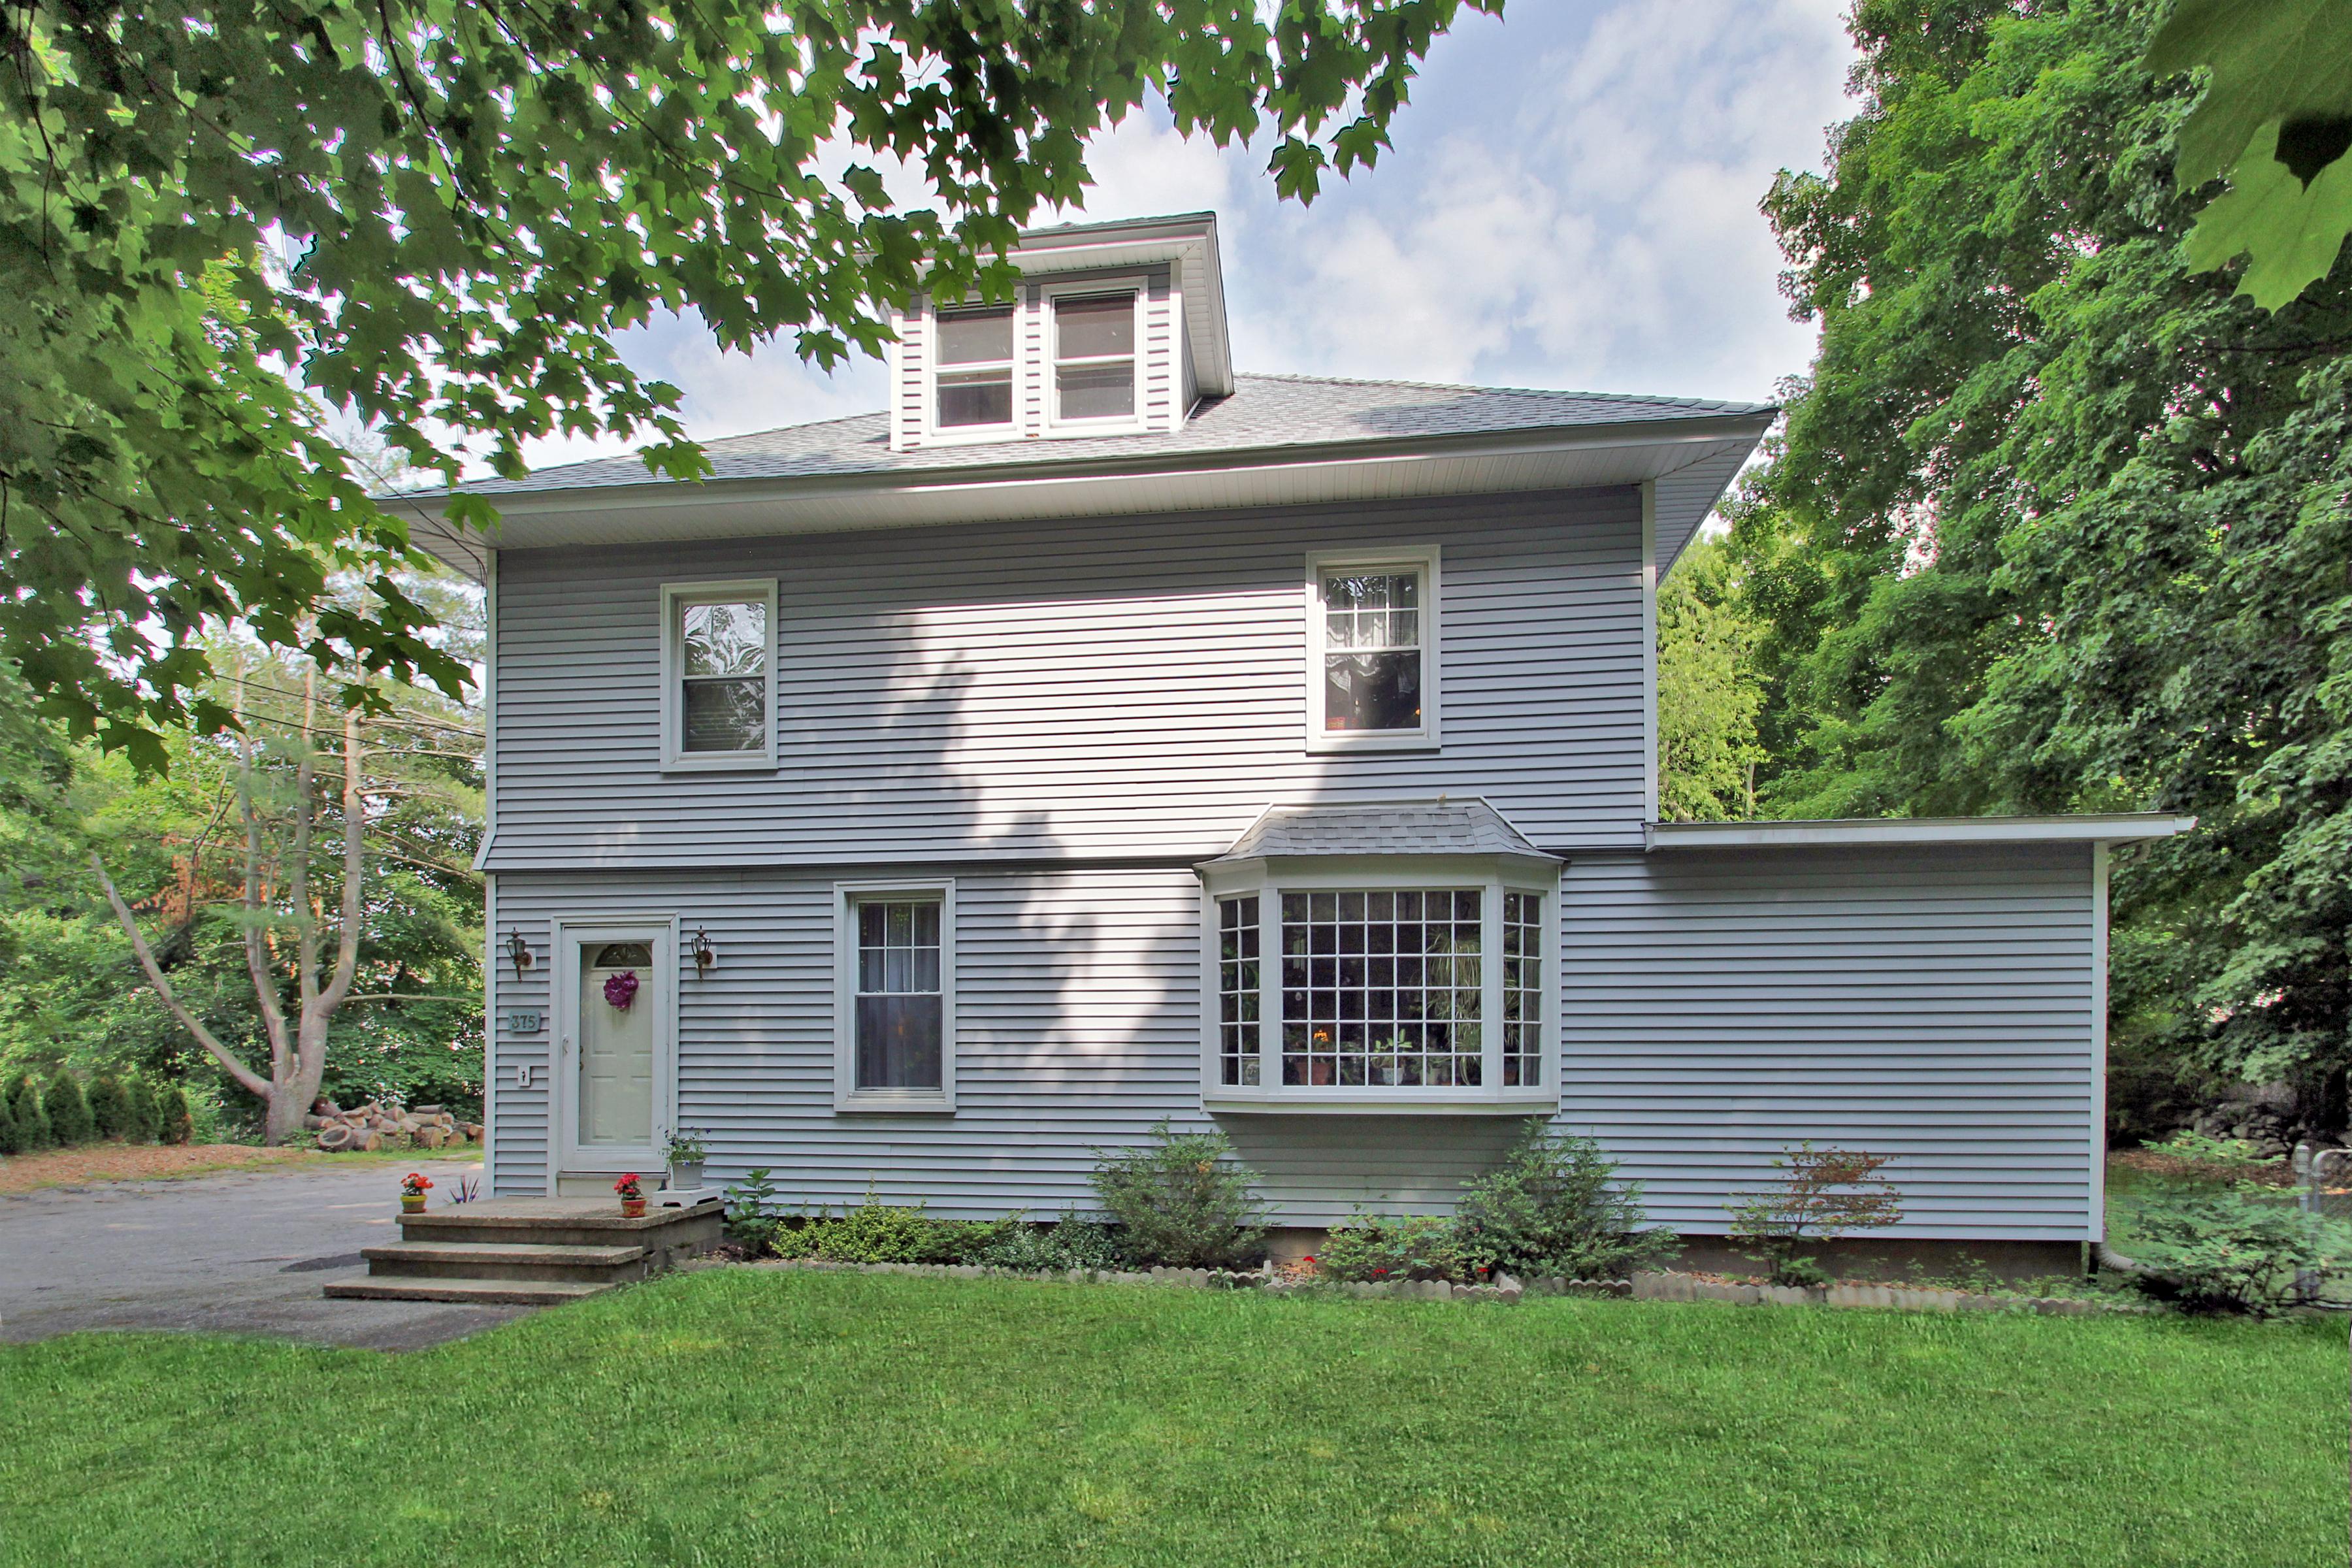 Частный односемейный дом для того Продажа на Charming Cranbury Farmhouse 375 Newtown Avenue Norwalk, Коннектикут 06851 Соединенные Штаты